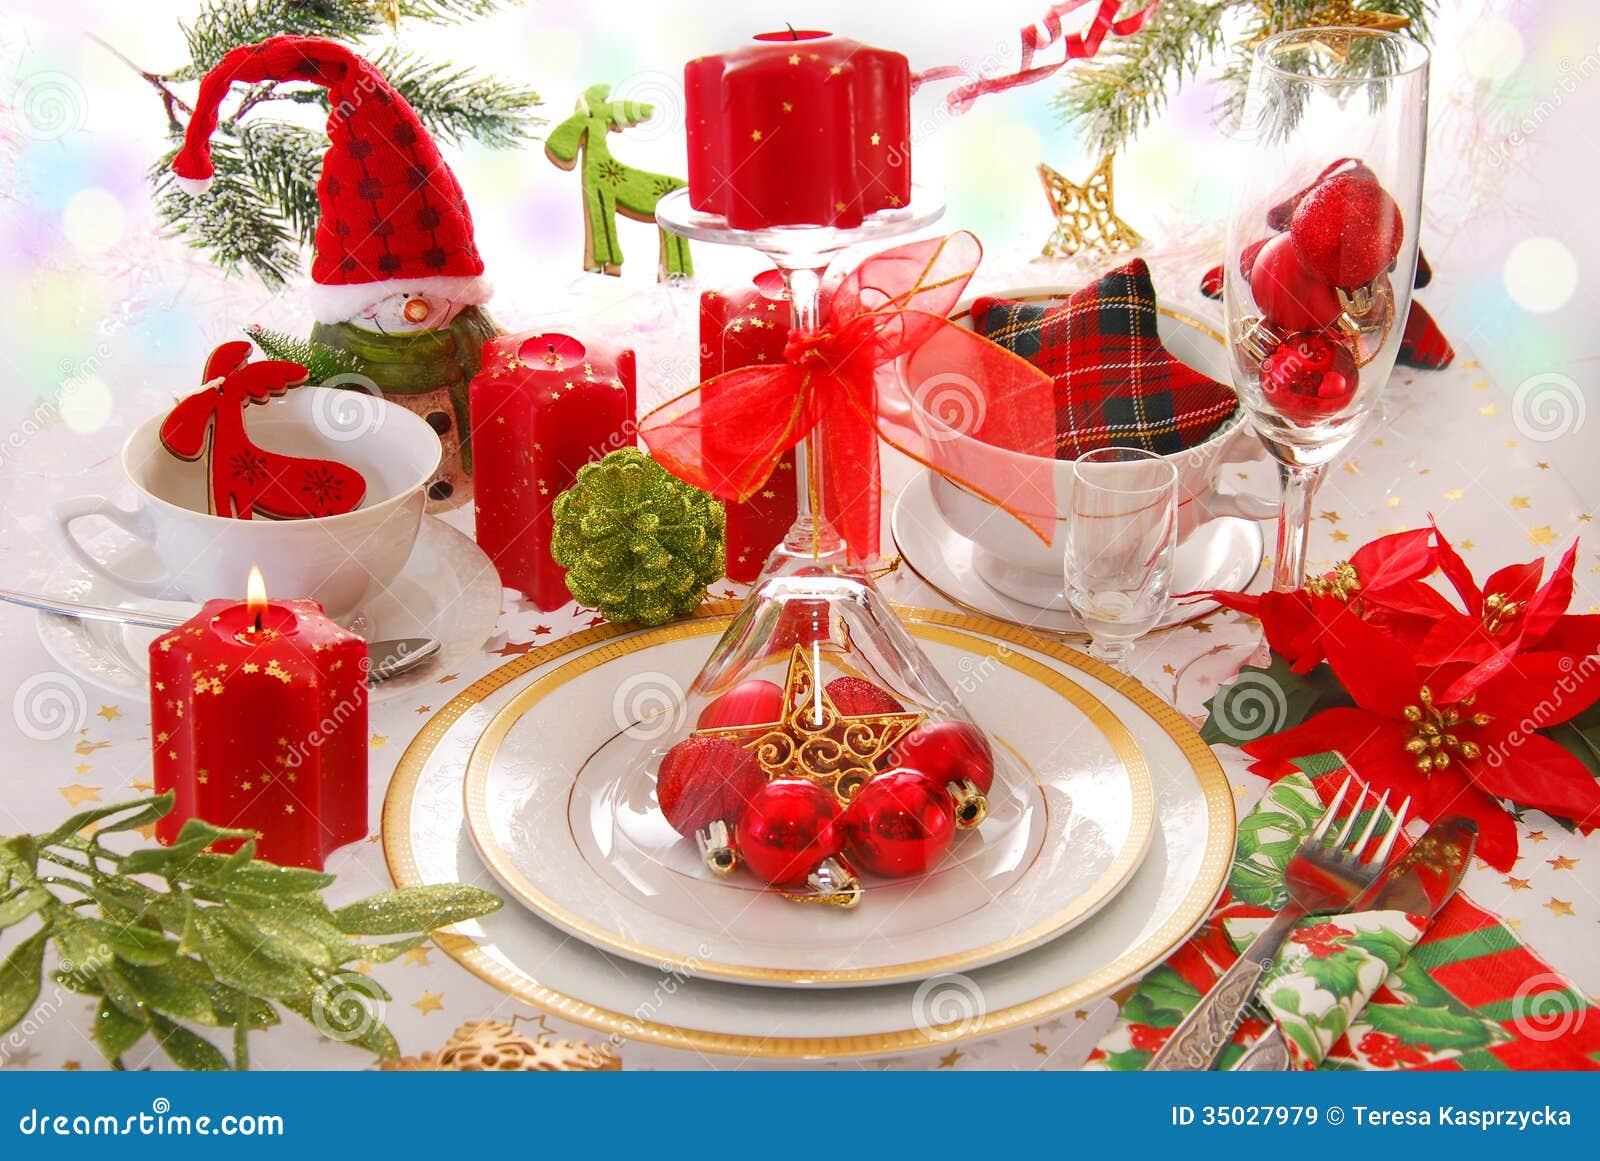 D coration de table de no l avec les bougies rouges image - Decoration de table avec bougies ...